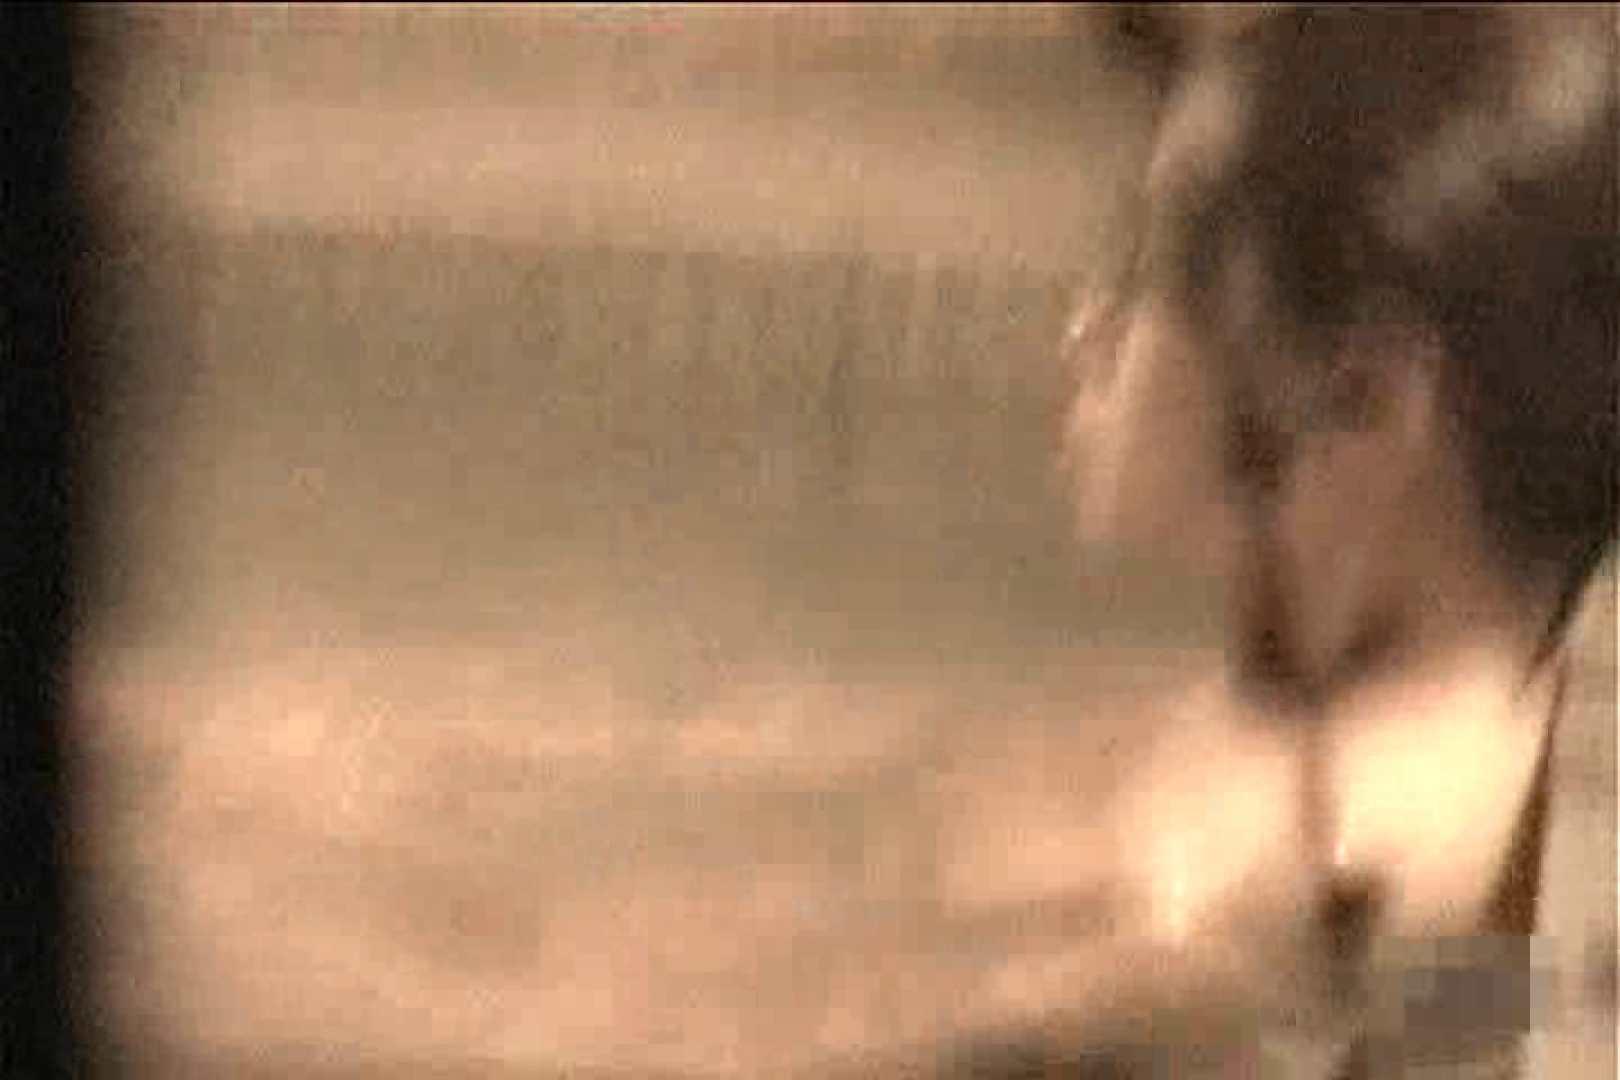 激撮ストーカー記録あなたのお宅拝見しますVol.11 OLヌード天国 | 淫乱  78PIX 21